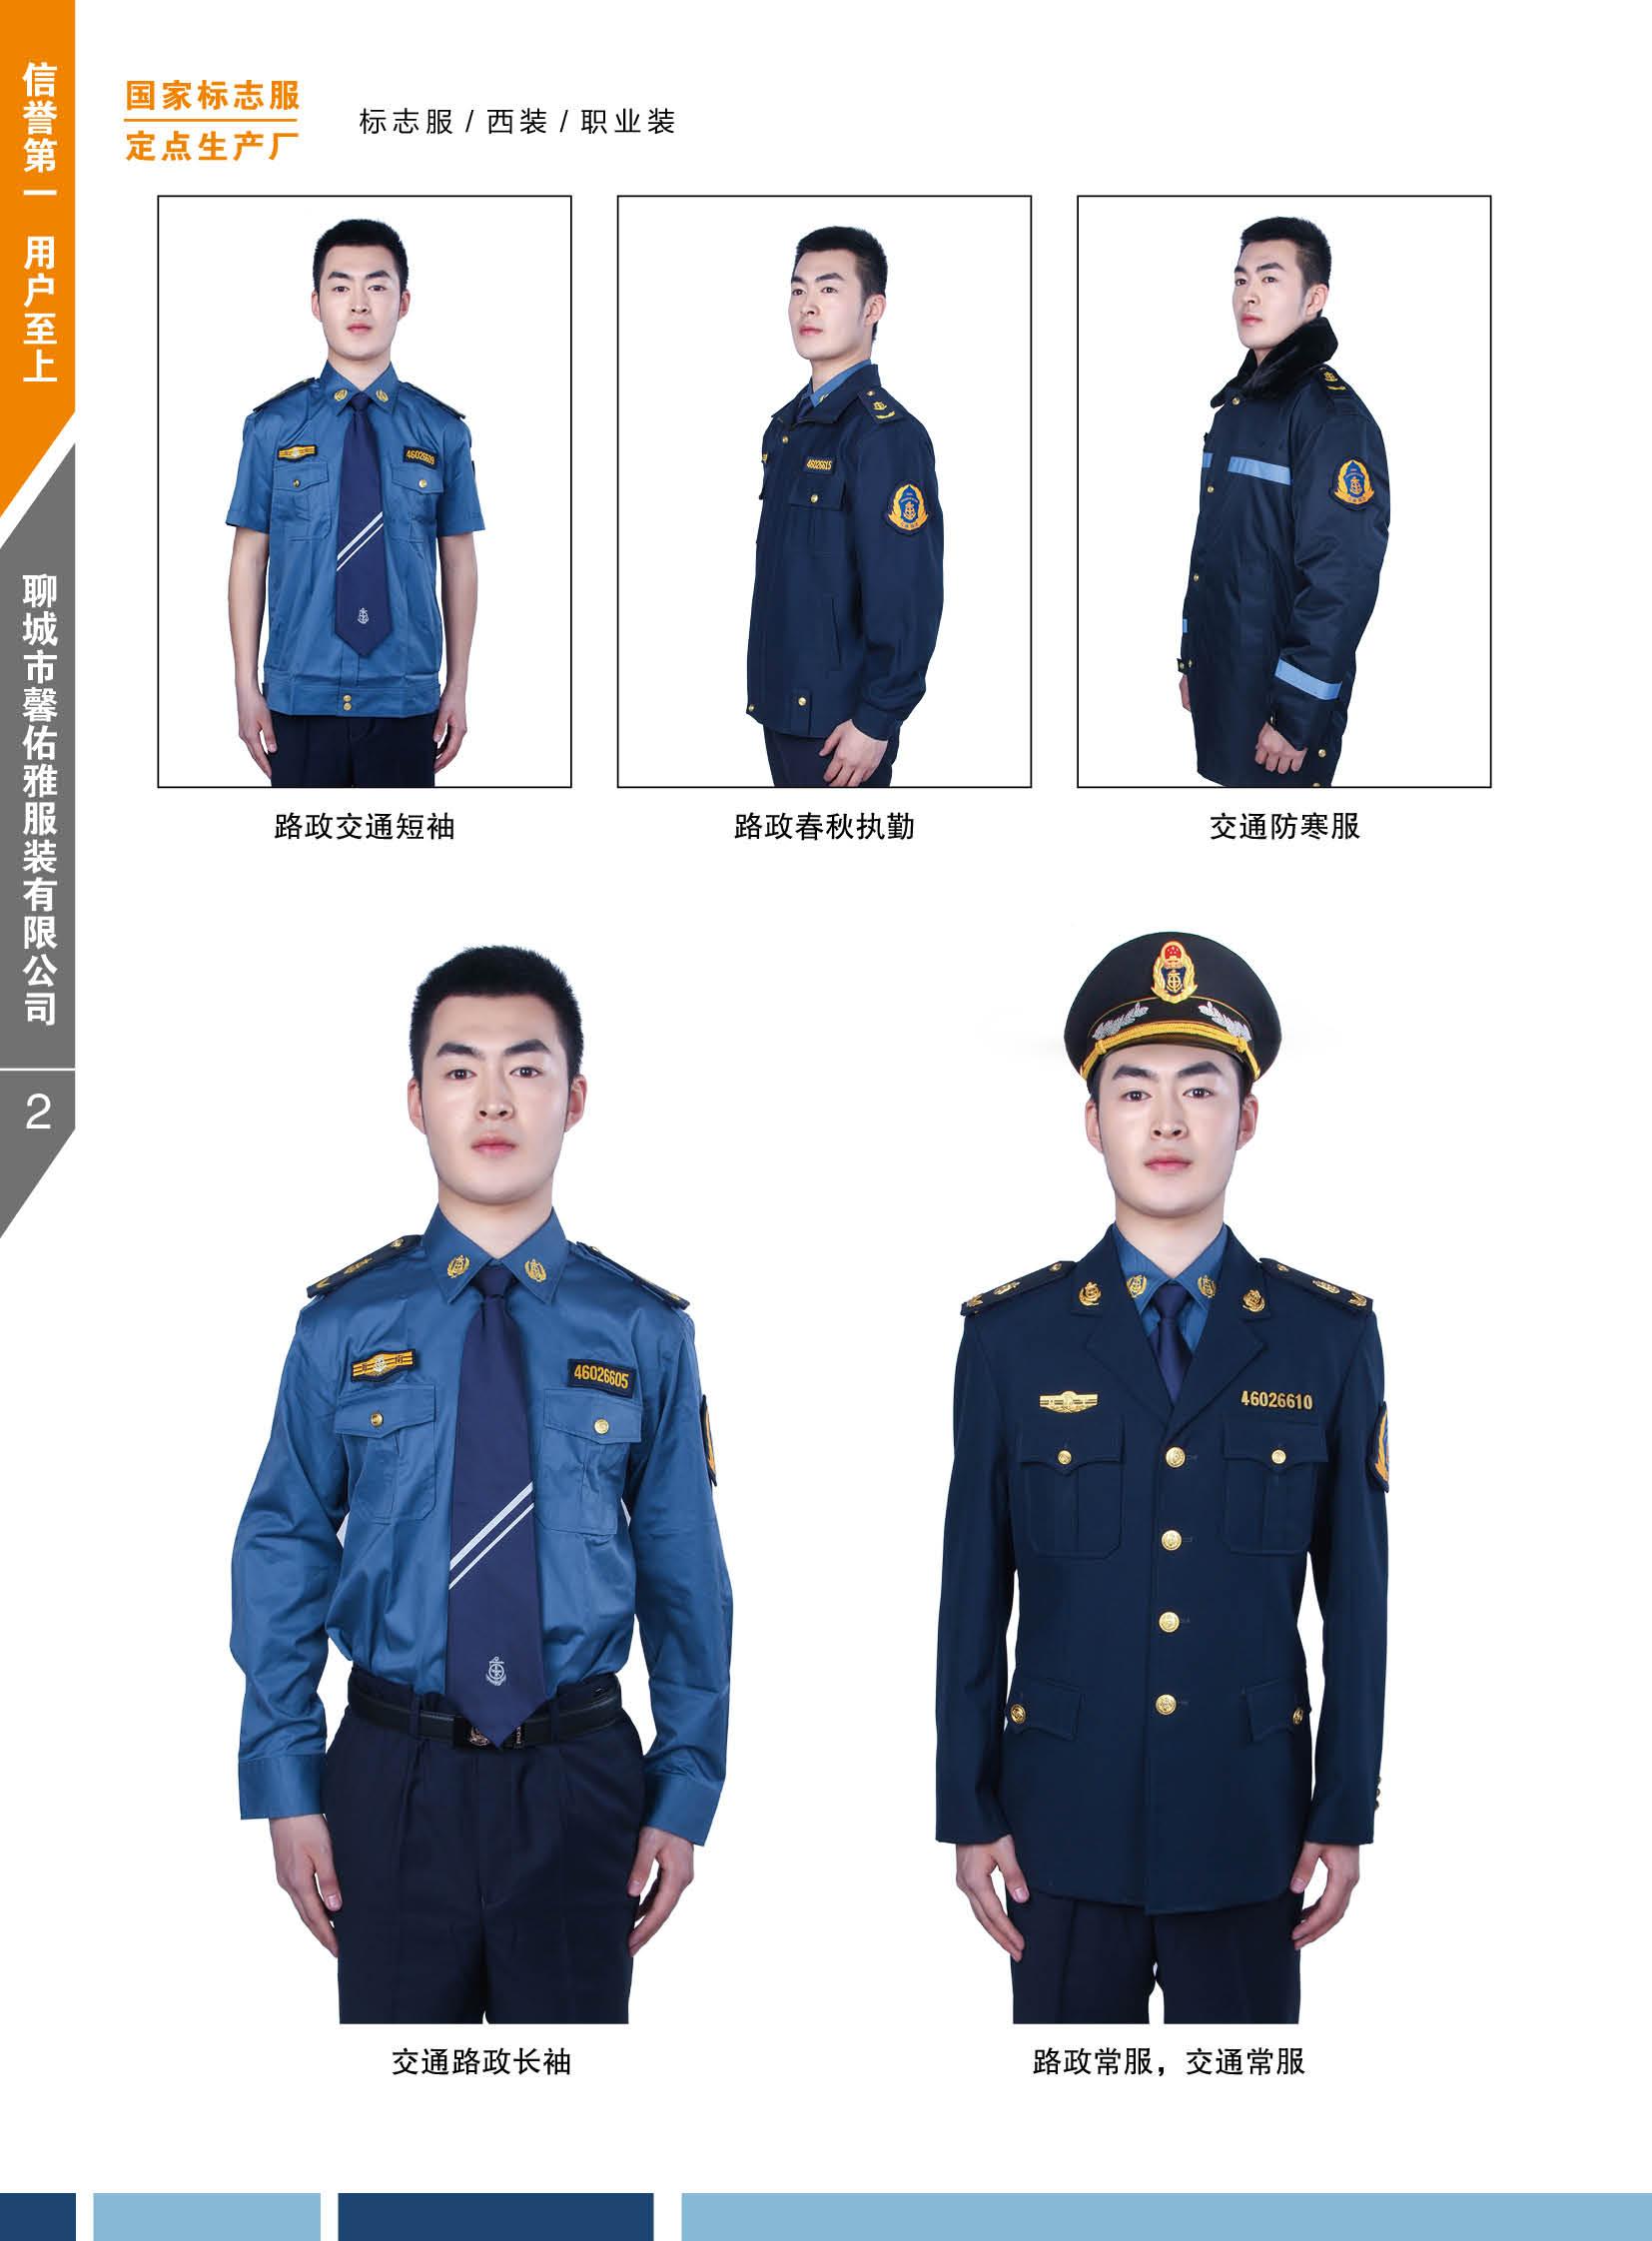 交通执法制服,交通行政制服,交通执法制服,交通执法标志服